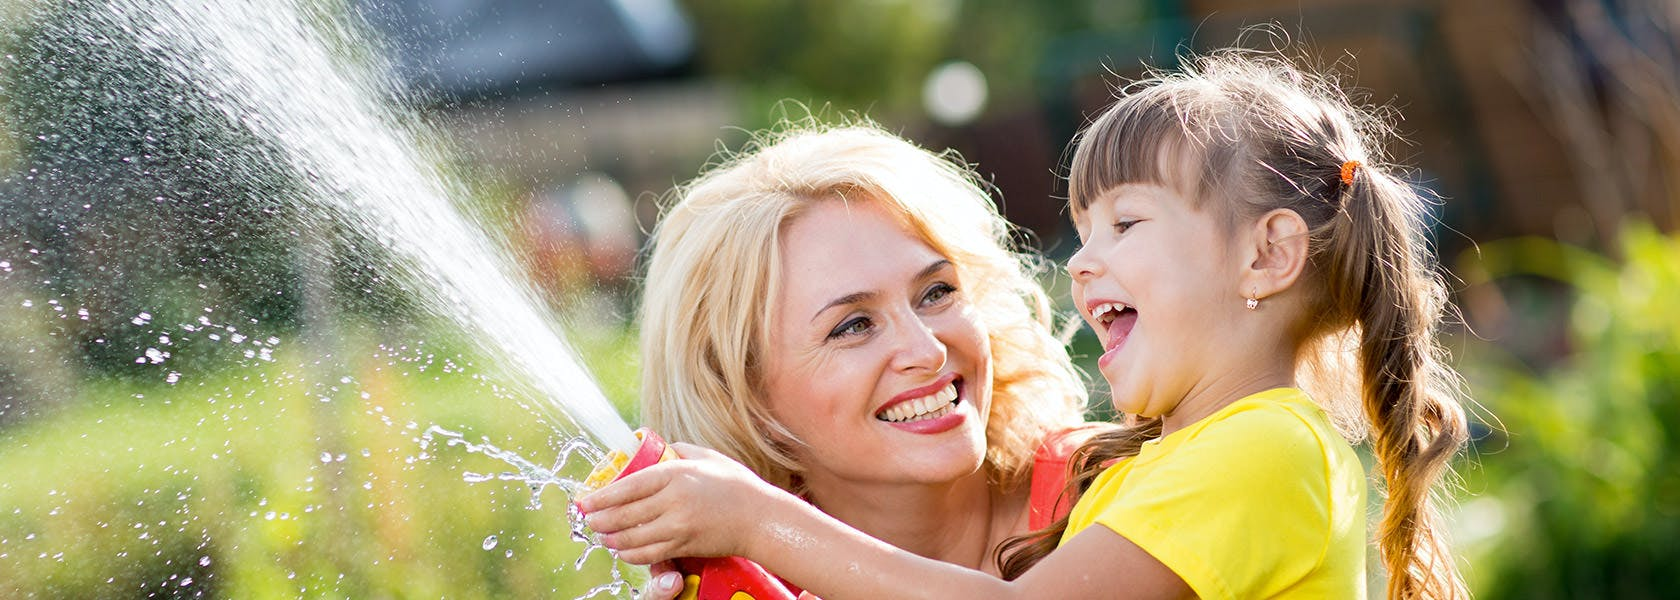 Mor og datter griner og sprøjter vand med vandslange